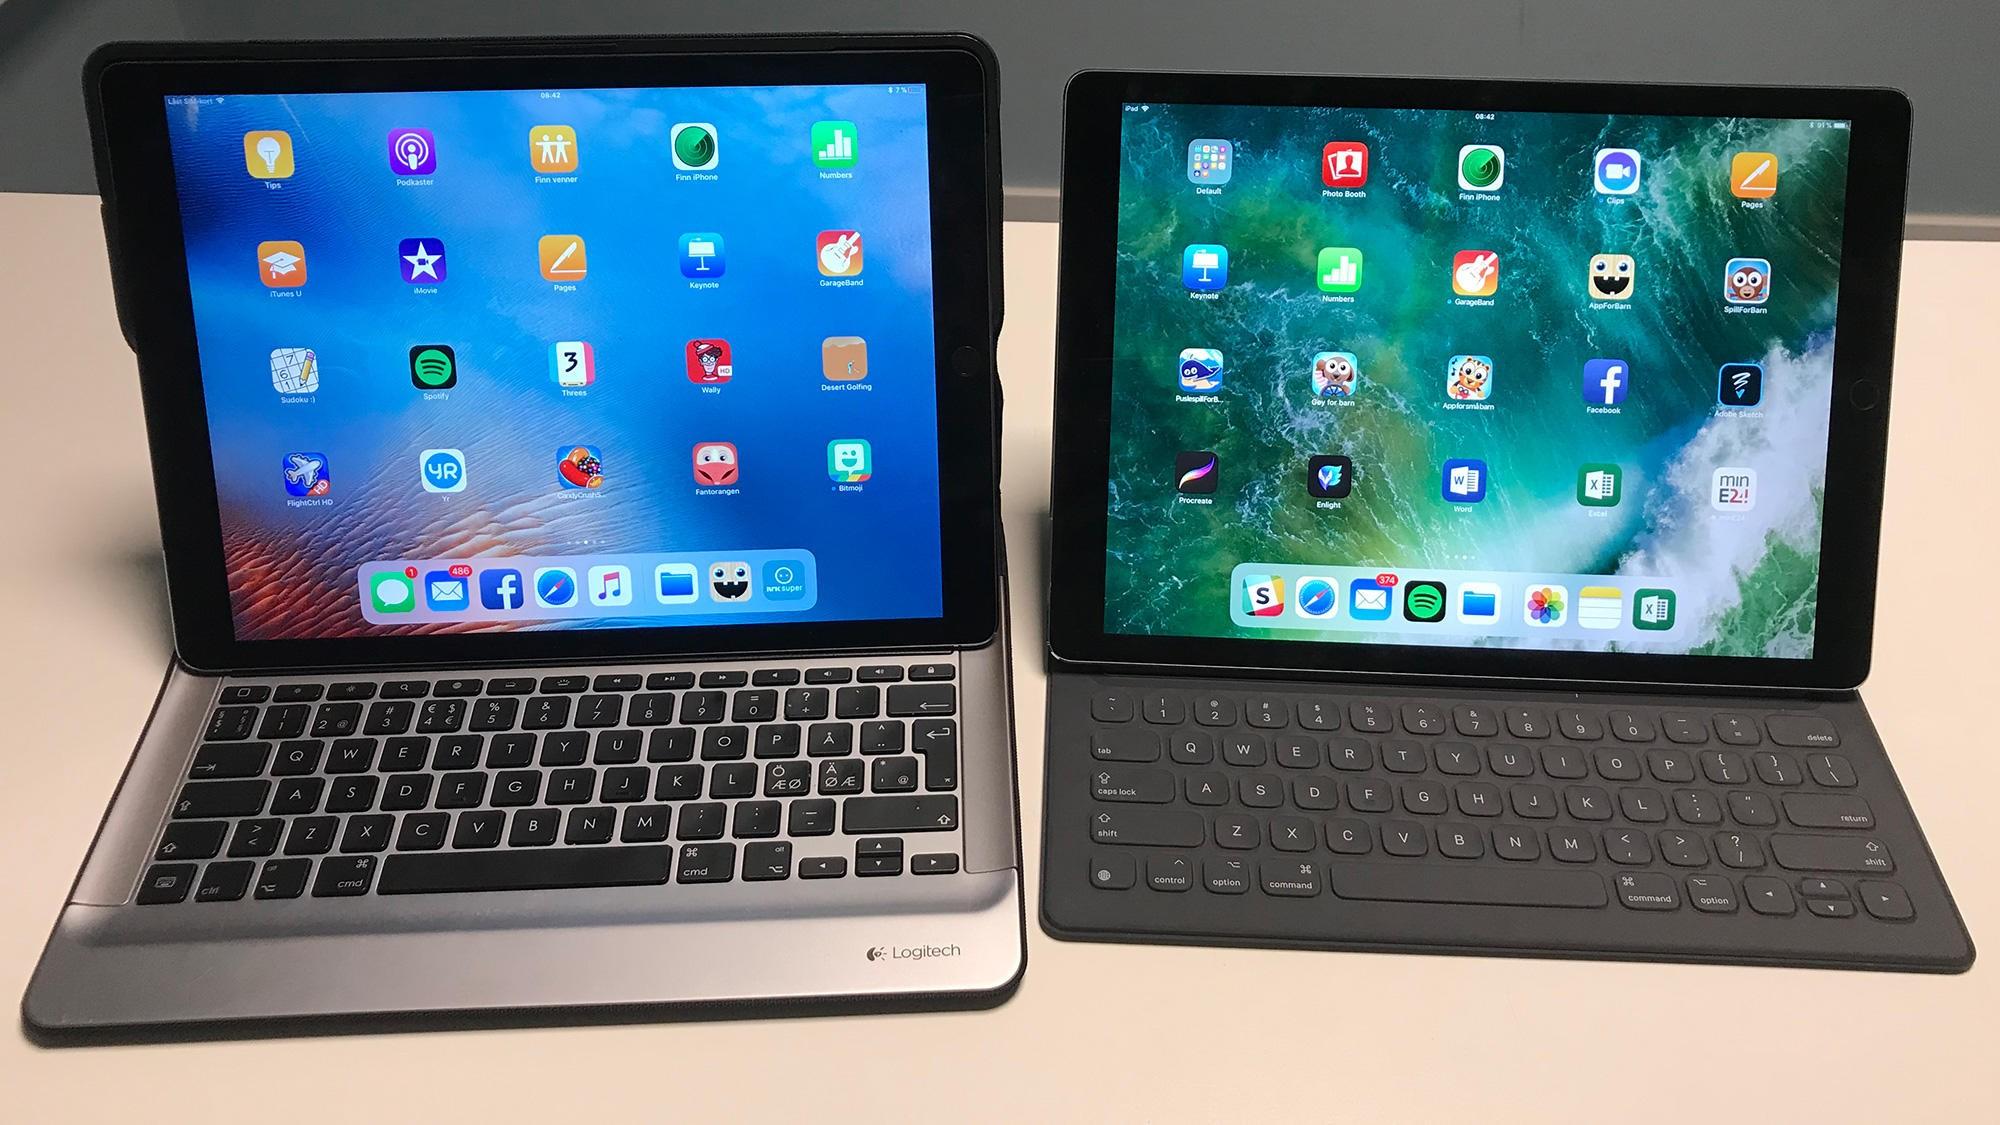 Gamle iPad Pro til venstre, og nye iPad Pro til høyre. De fysiske forskjellene er nærmest fraværende, det eneste som virkelig avslører nye generasjon er et større kamera på baksiden.